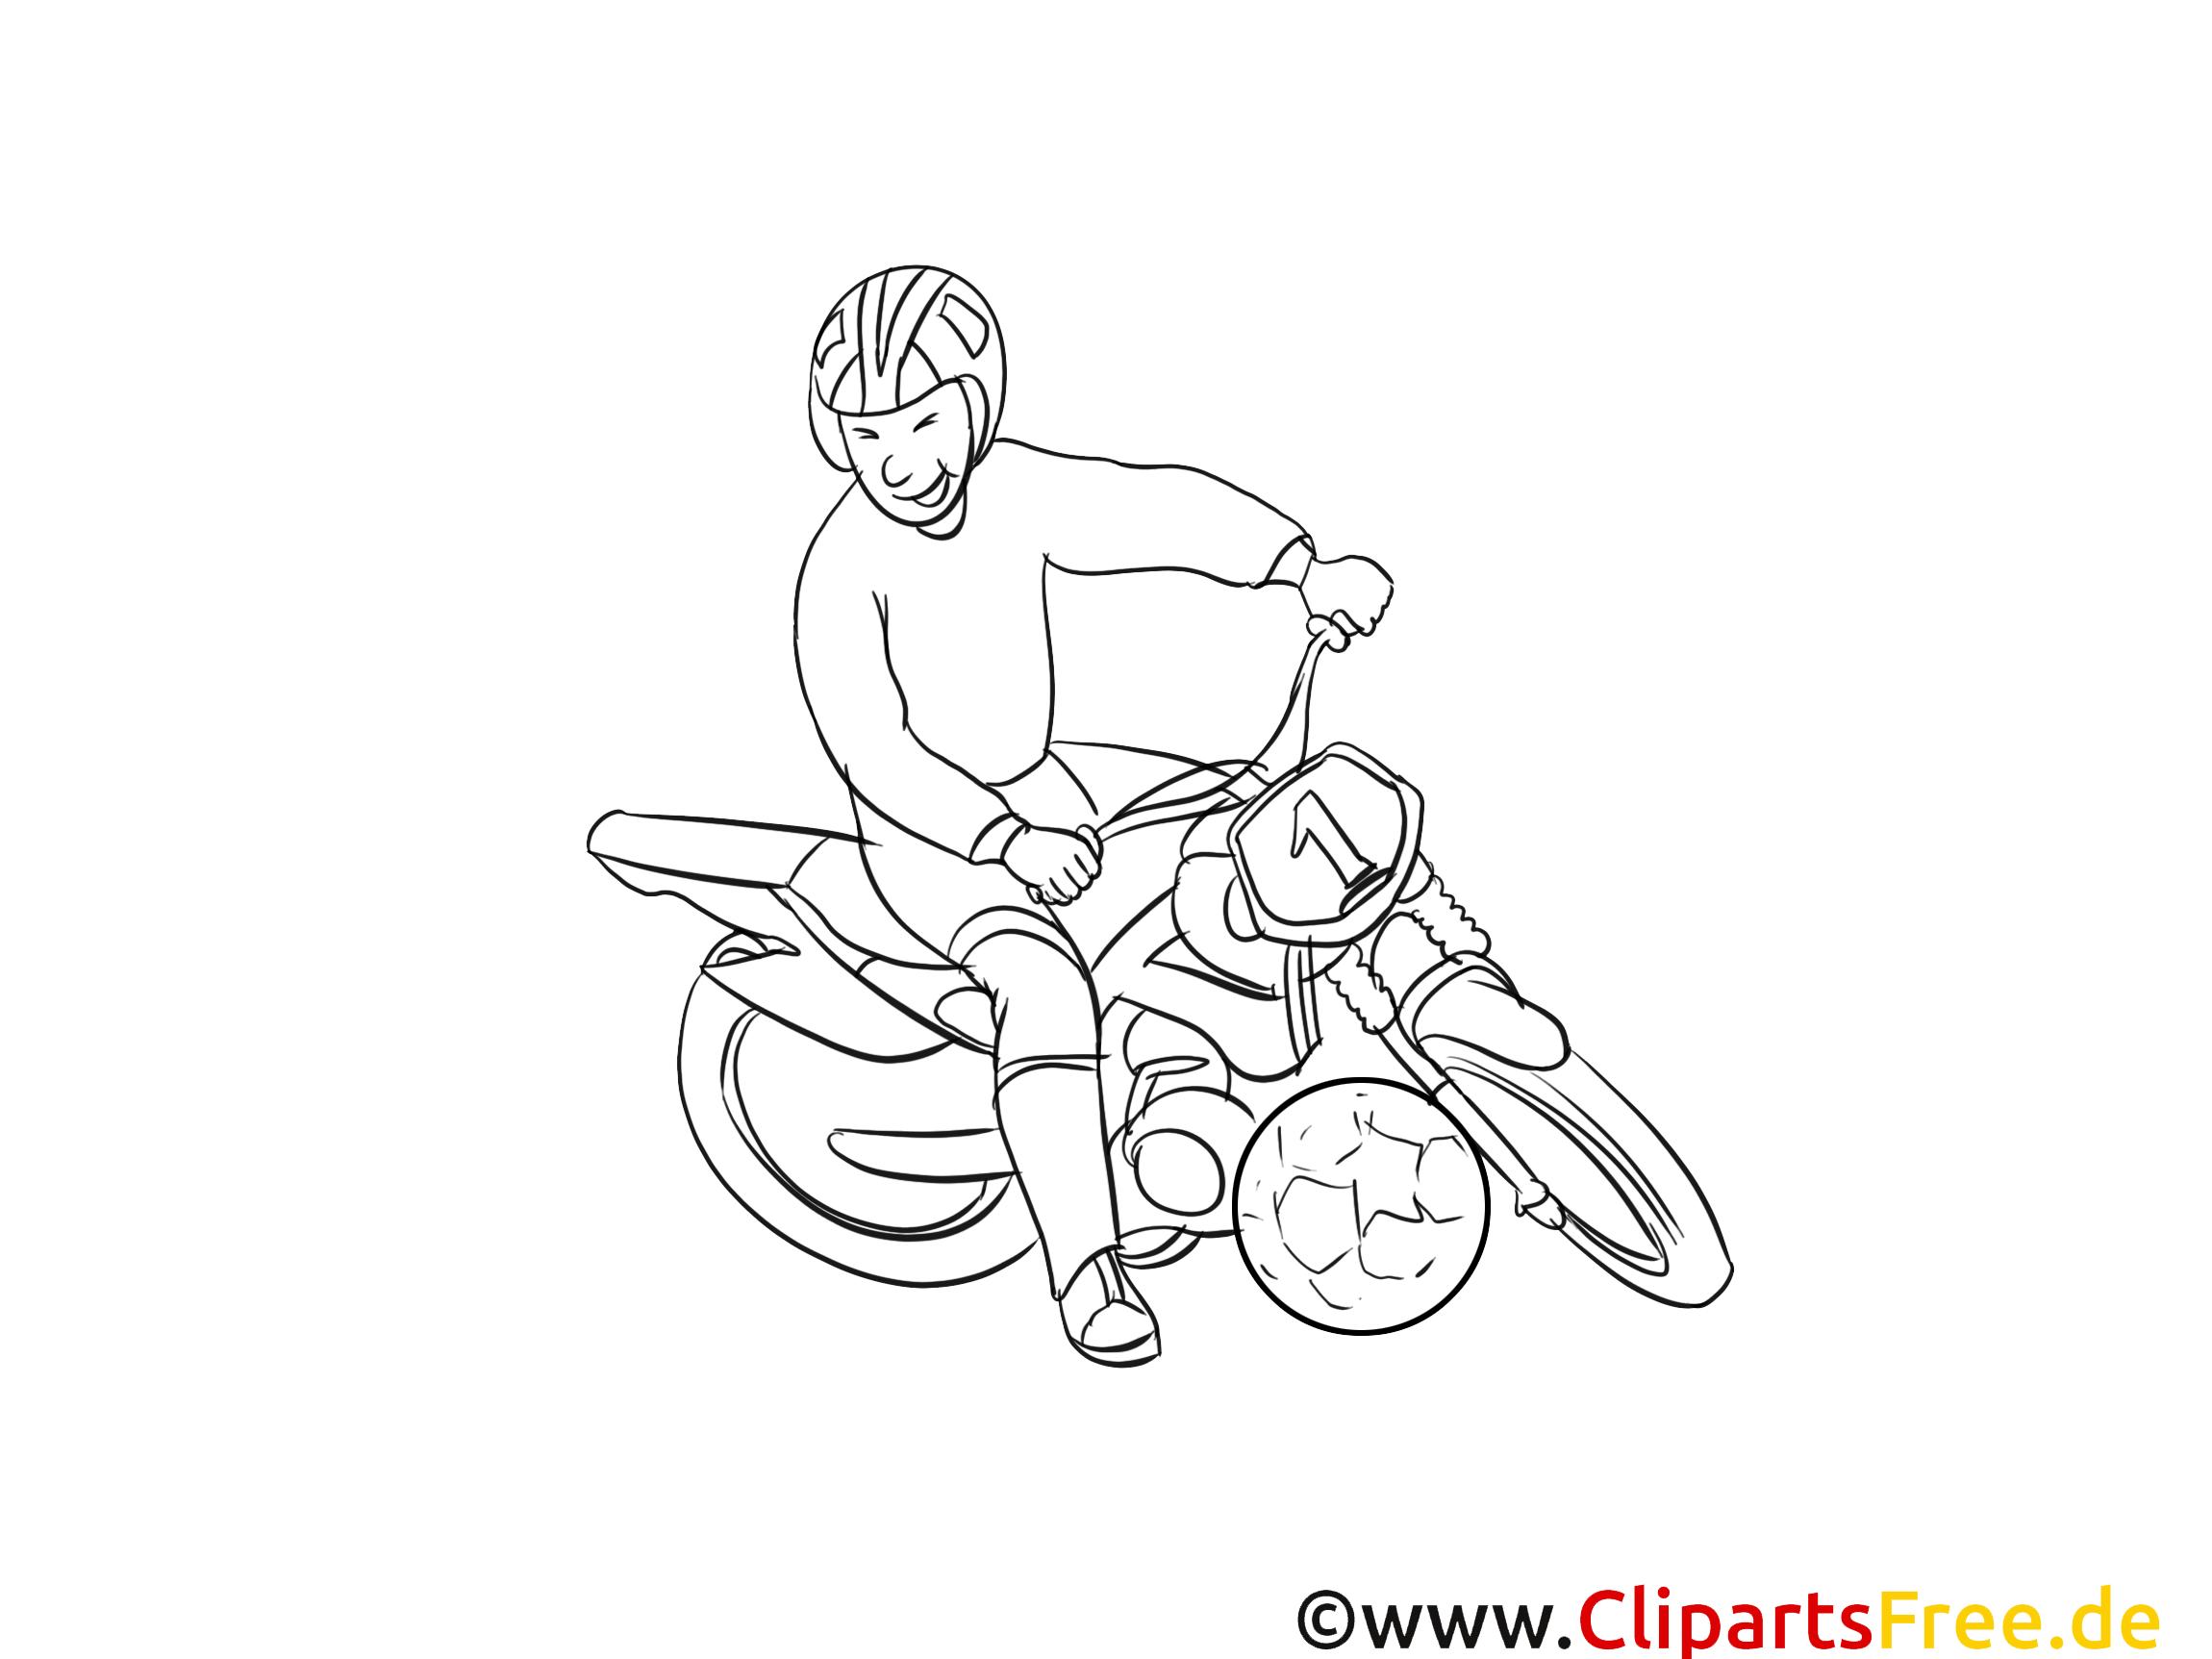 Moto-ball dessin – Coloriage sport à télécharger